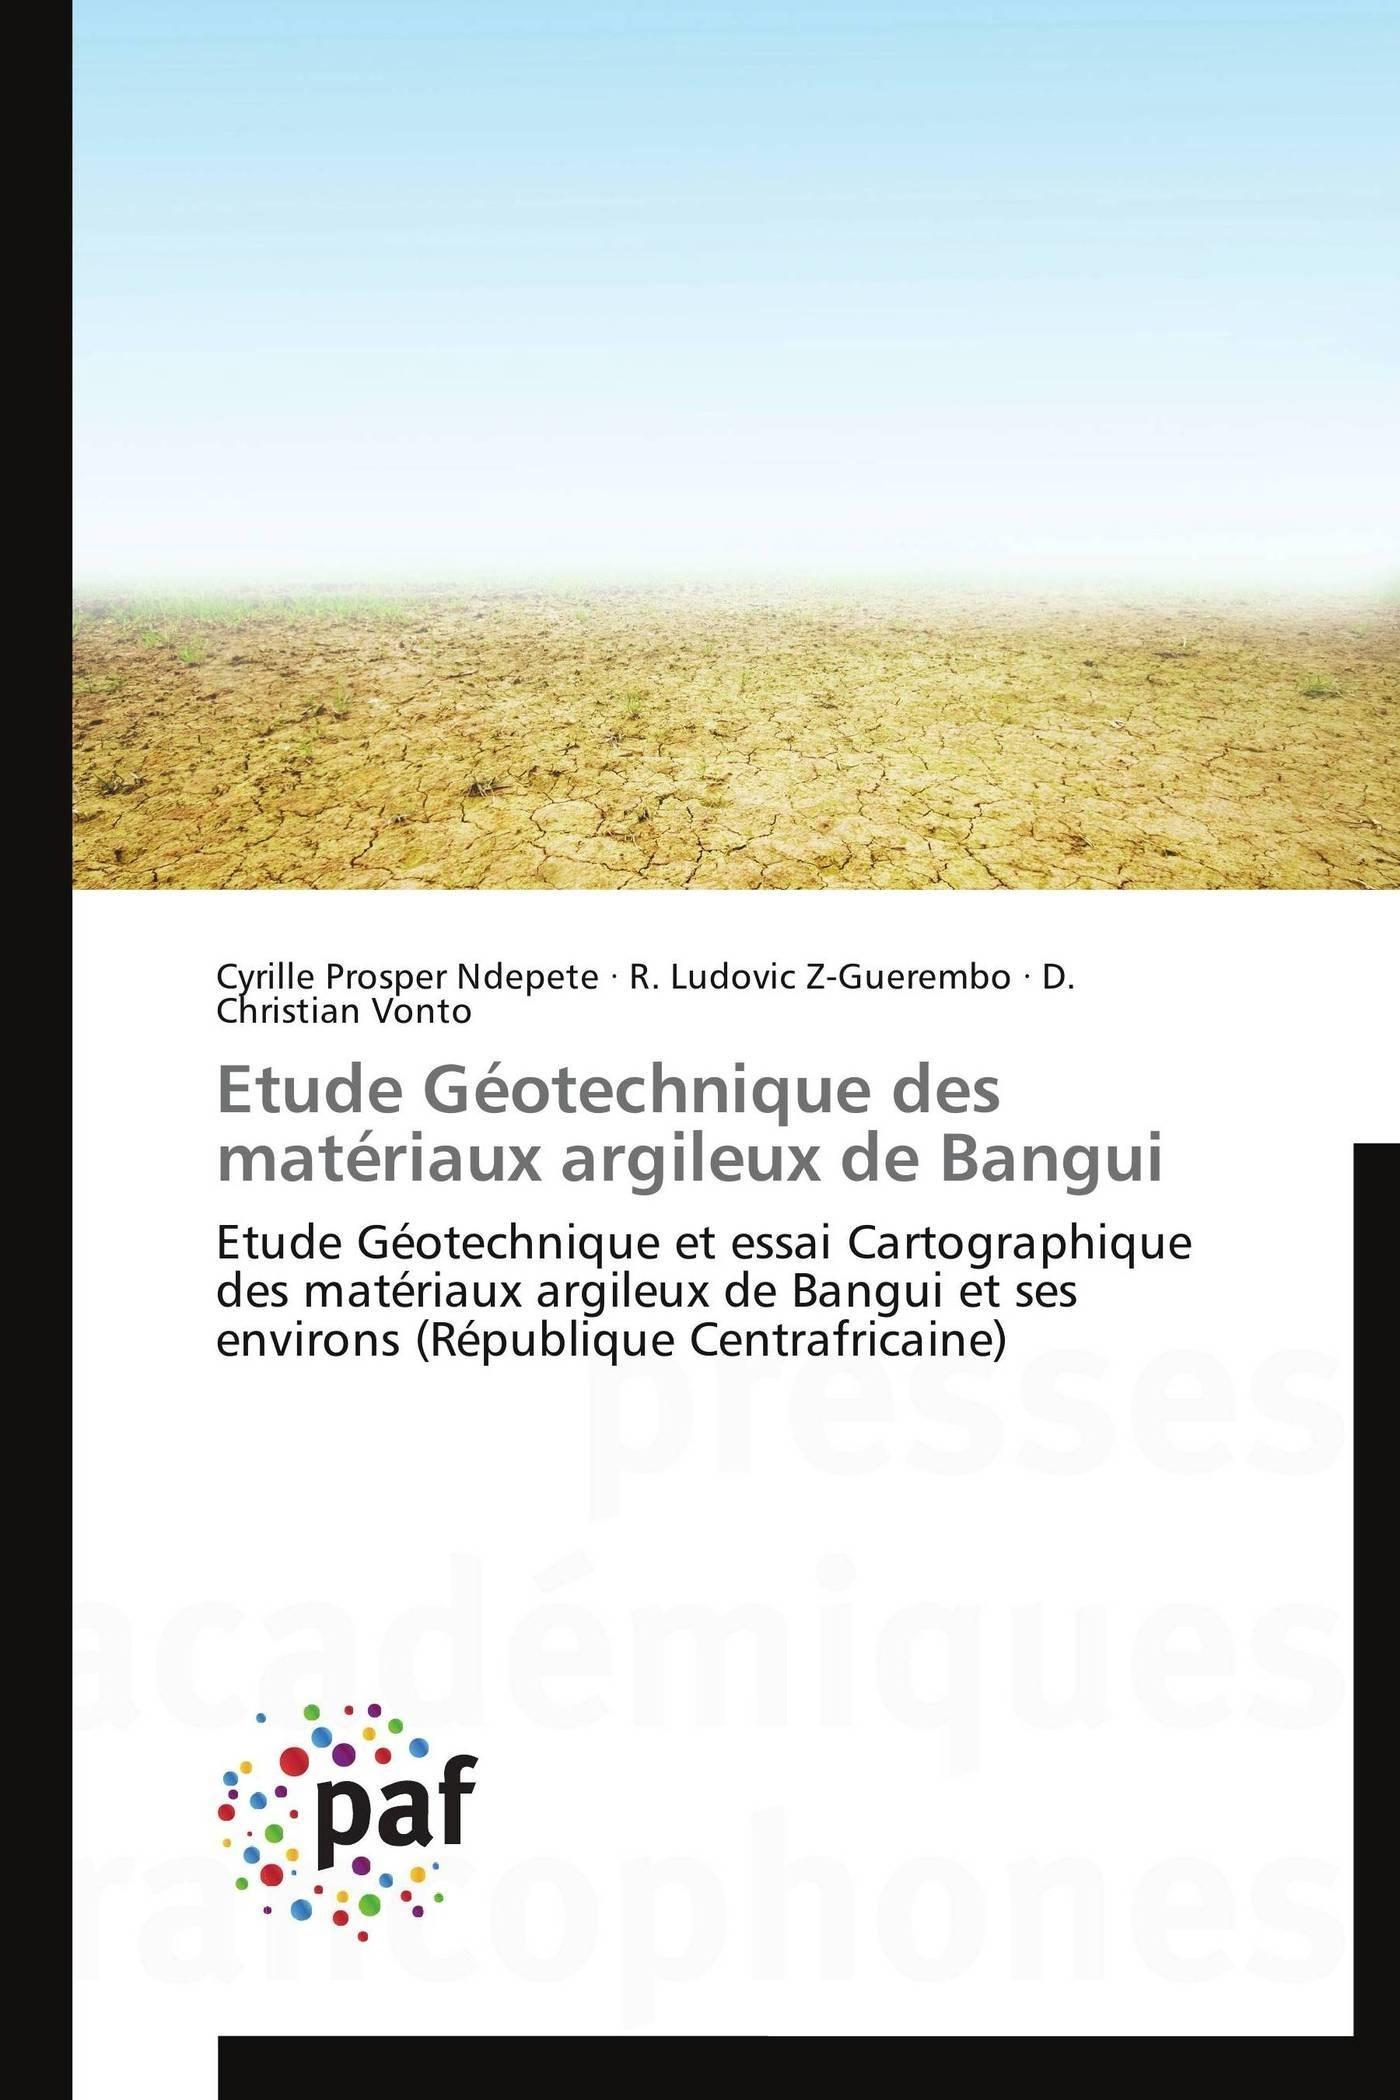 ETUDE GEOTECHNIQUE DES MATERIAUX ARGILEUX DE BANGUI